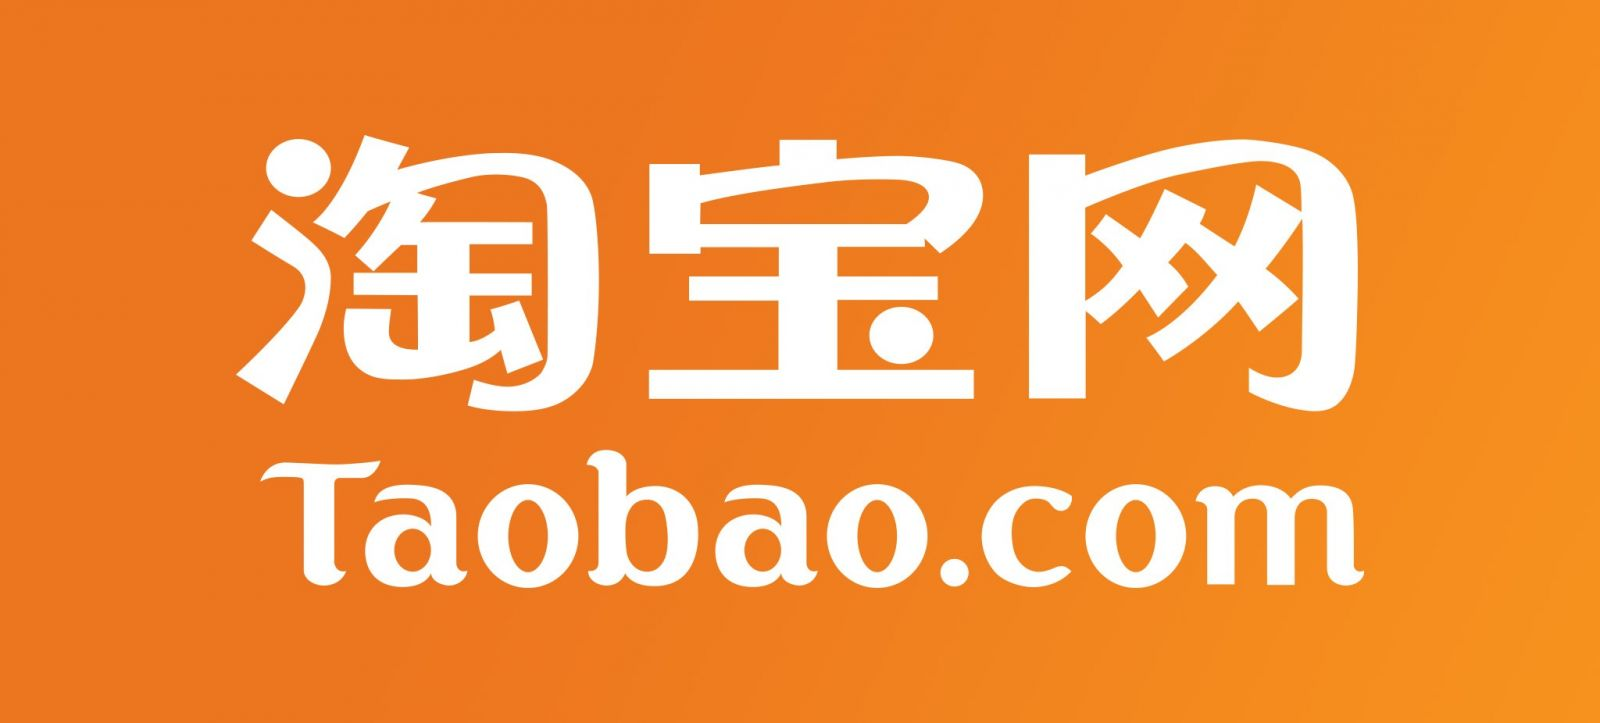 order-taobao